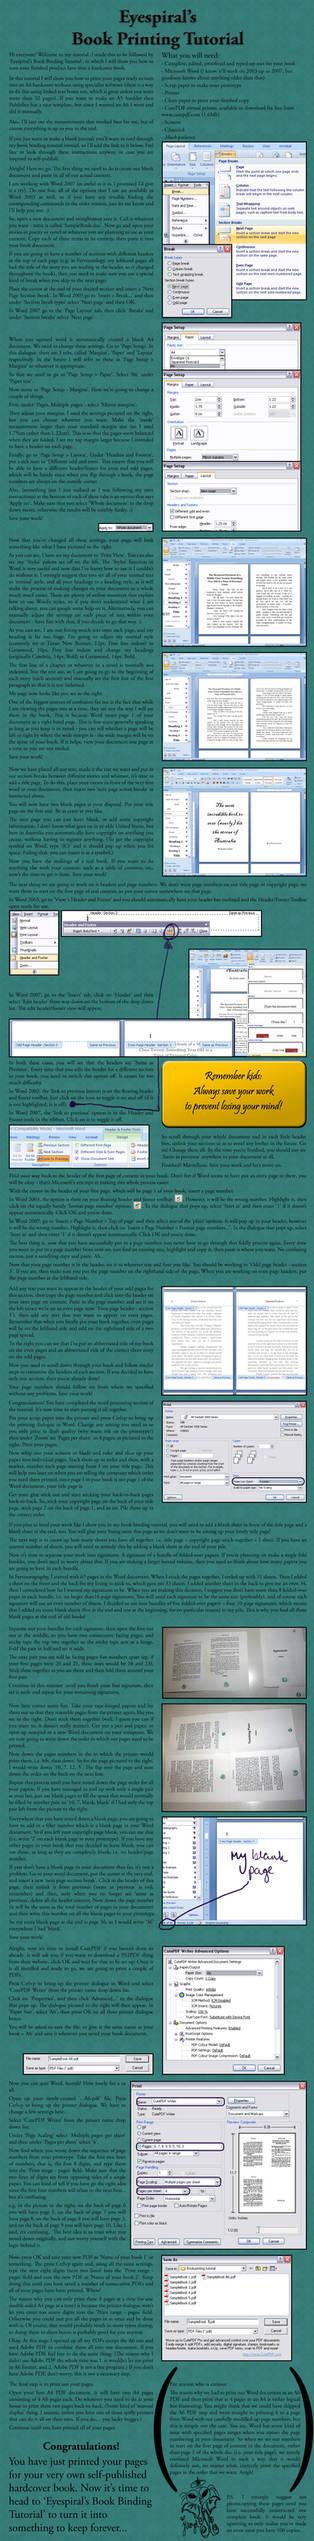 Book Printing Tutorial